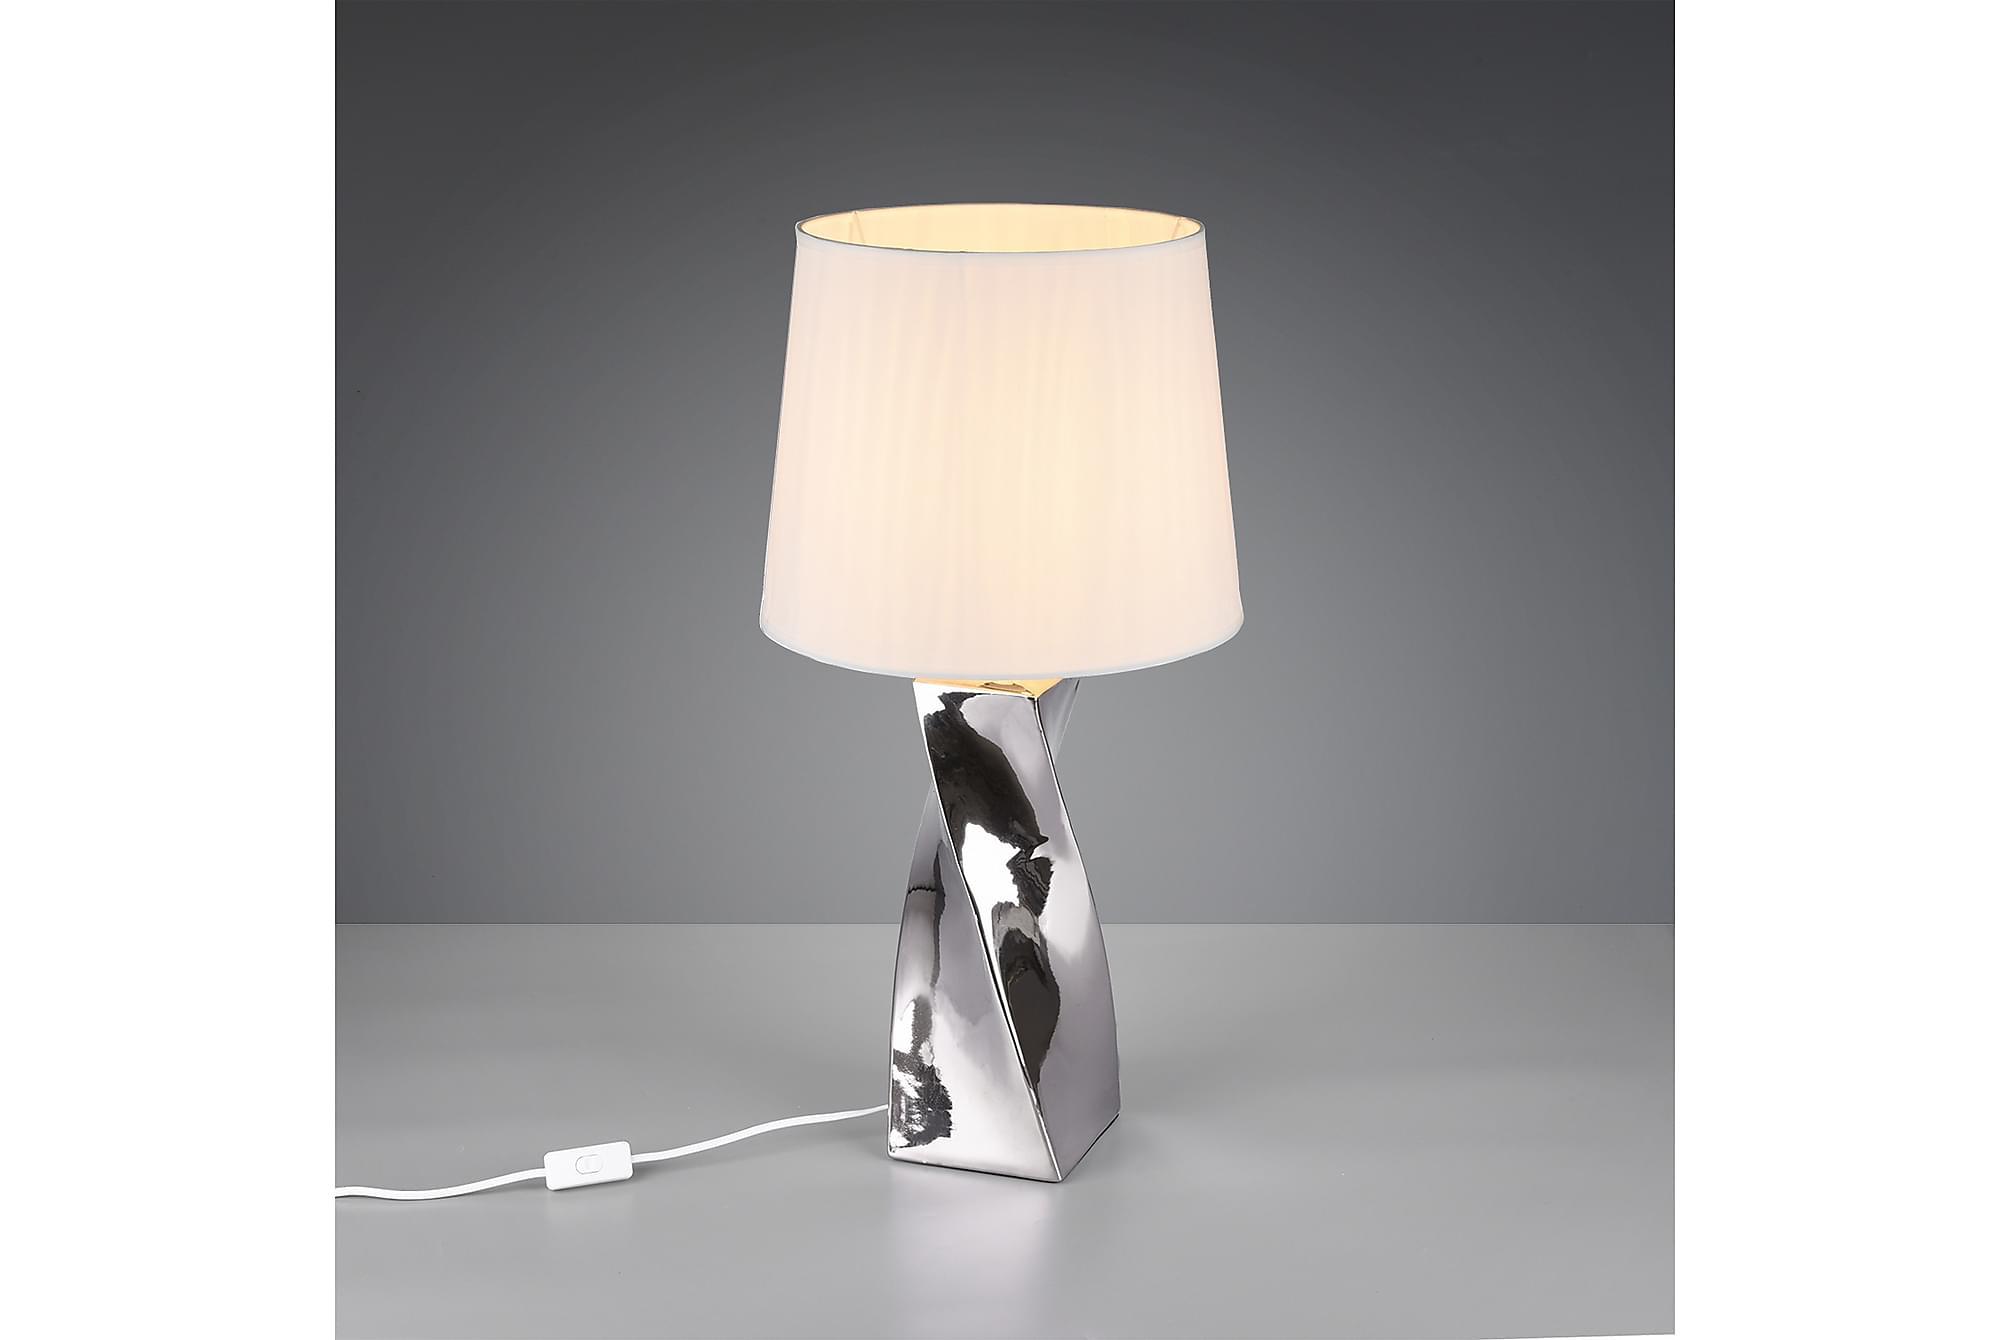 ABEBA Bordslampa Silver, Lampor